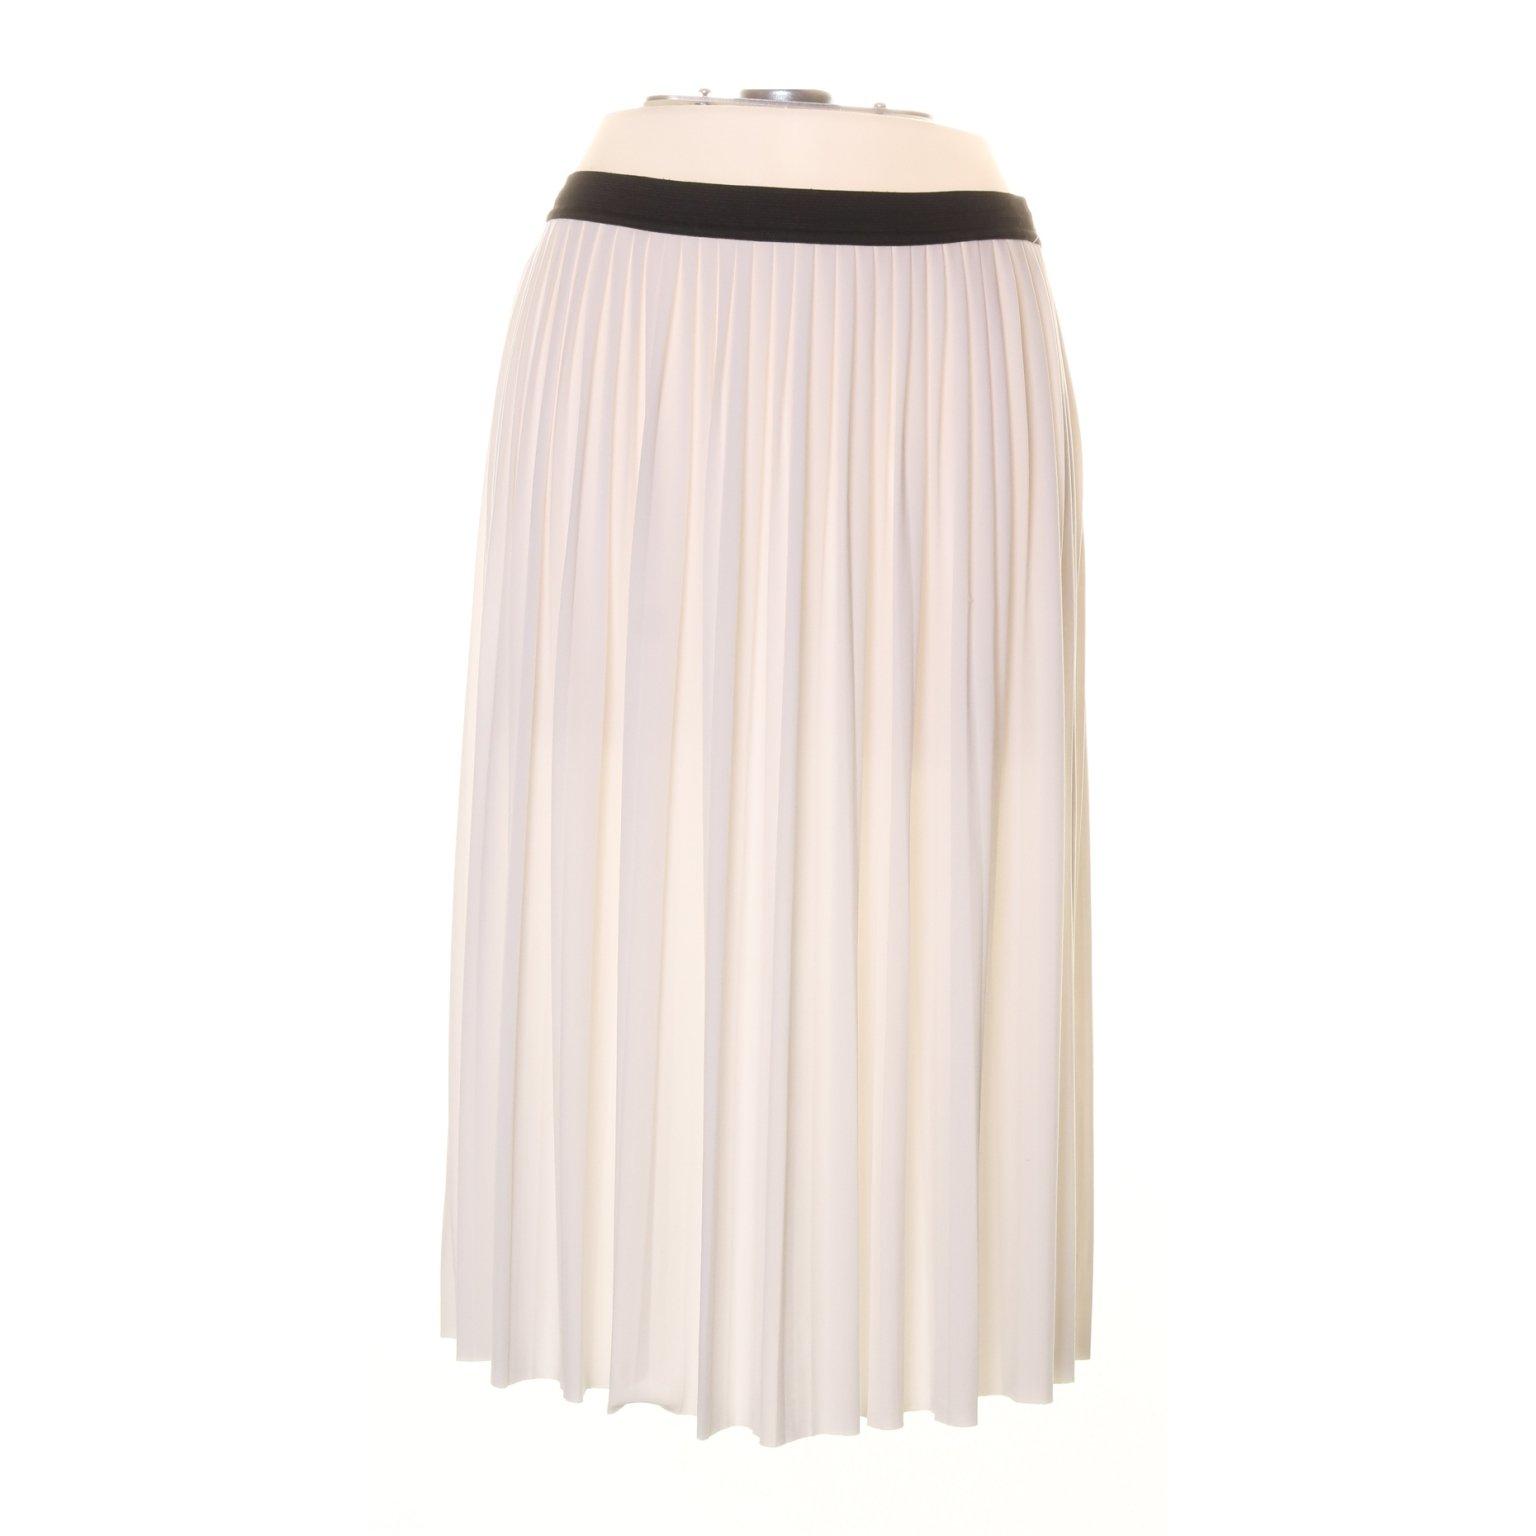 afe95b6d0689 ESPRIT, Plisserad kjol, Strl: M, Gräddvit (345924153) ᐈ Sellpy på ...